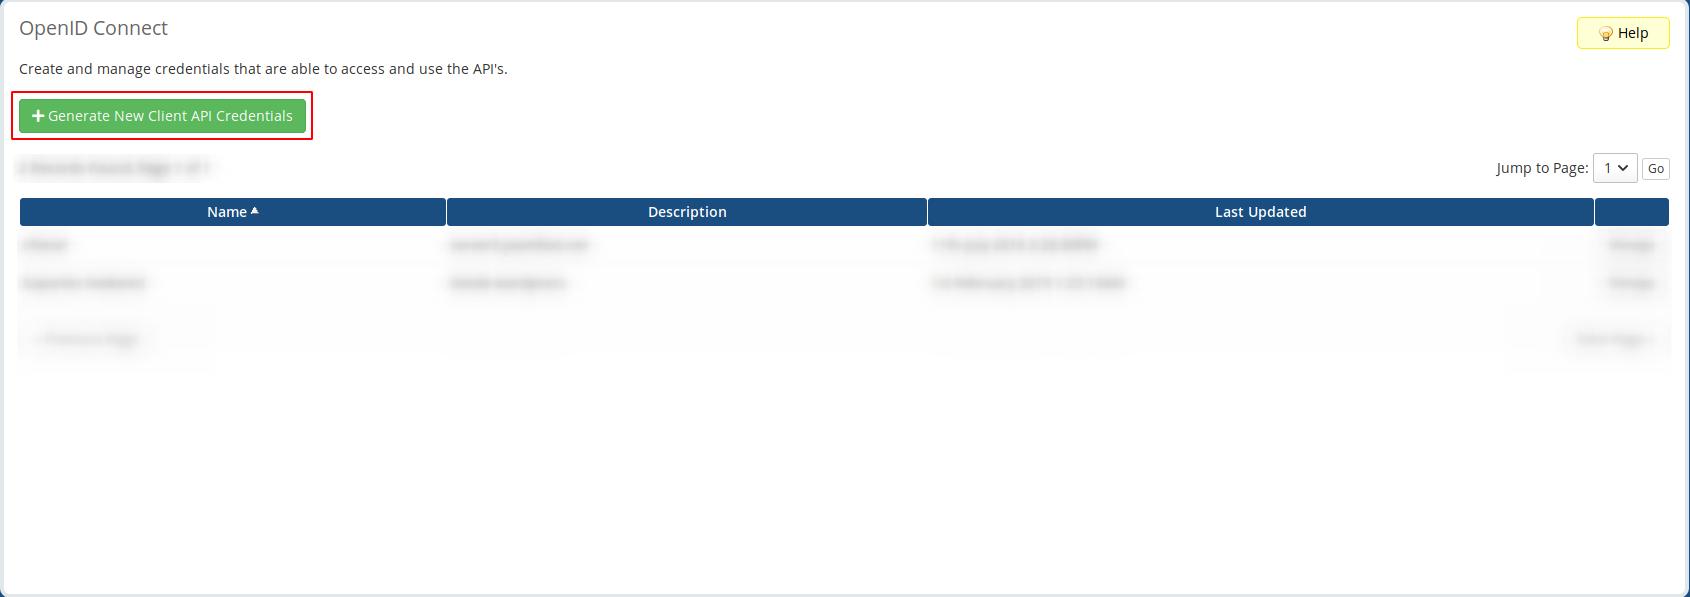 Create new Client Credentials